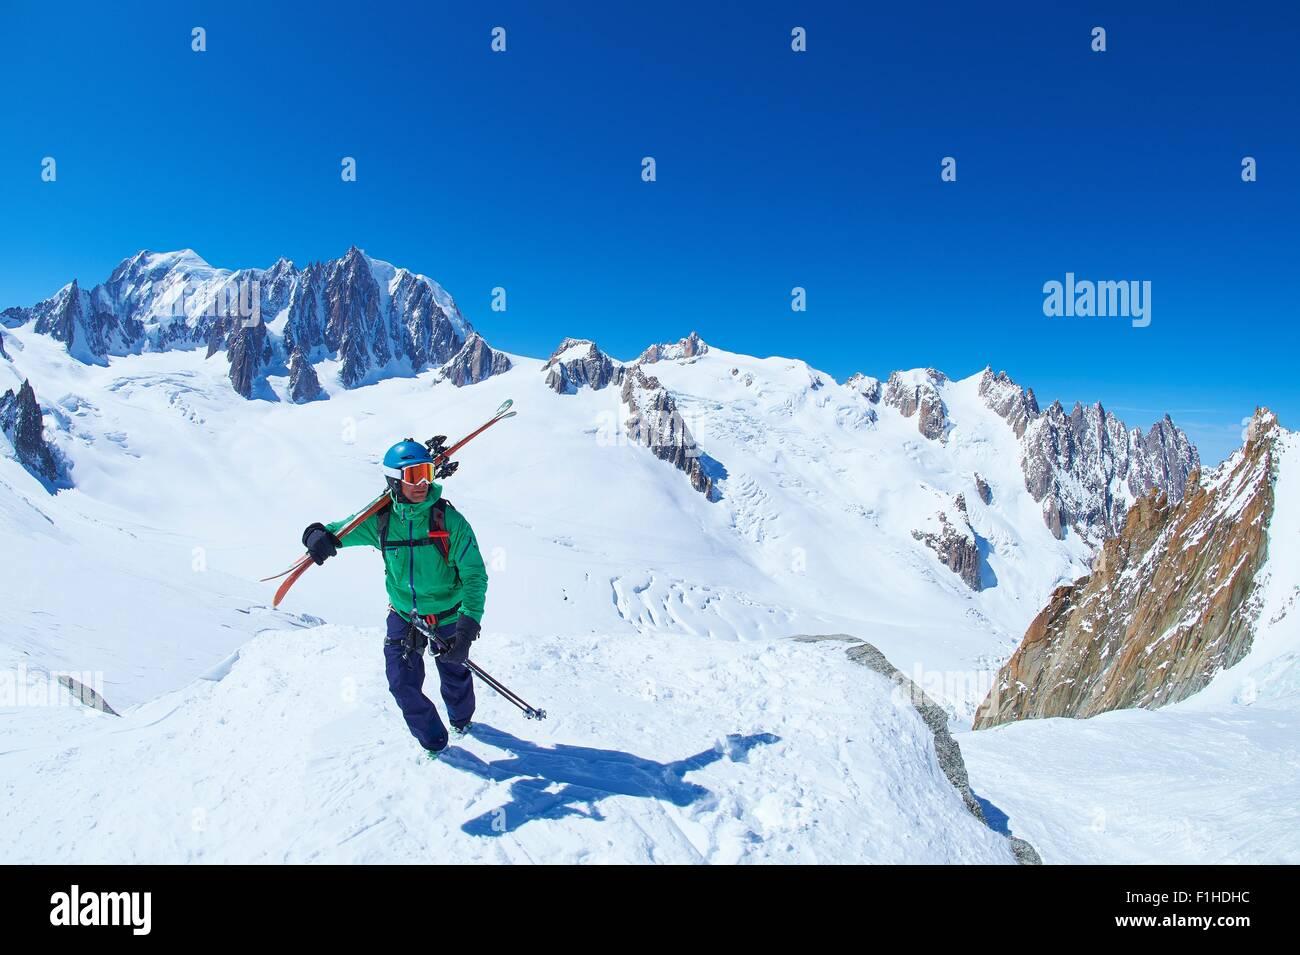 Skieur mâles matures sur ridge au massif du Mont Blanc, Graian Alps, France Photo Stock